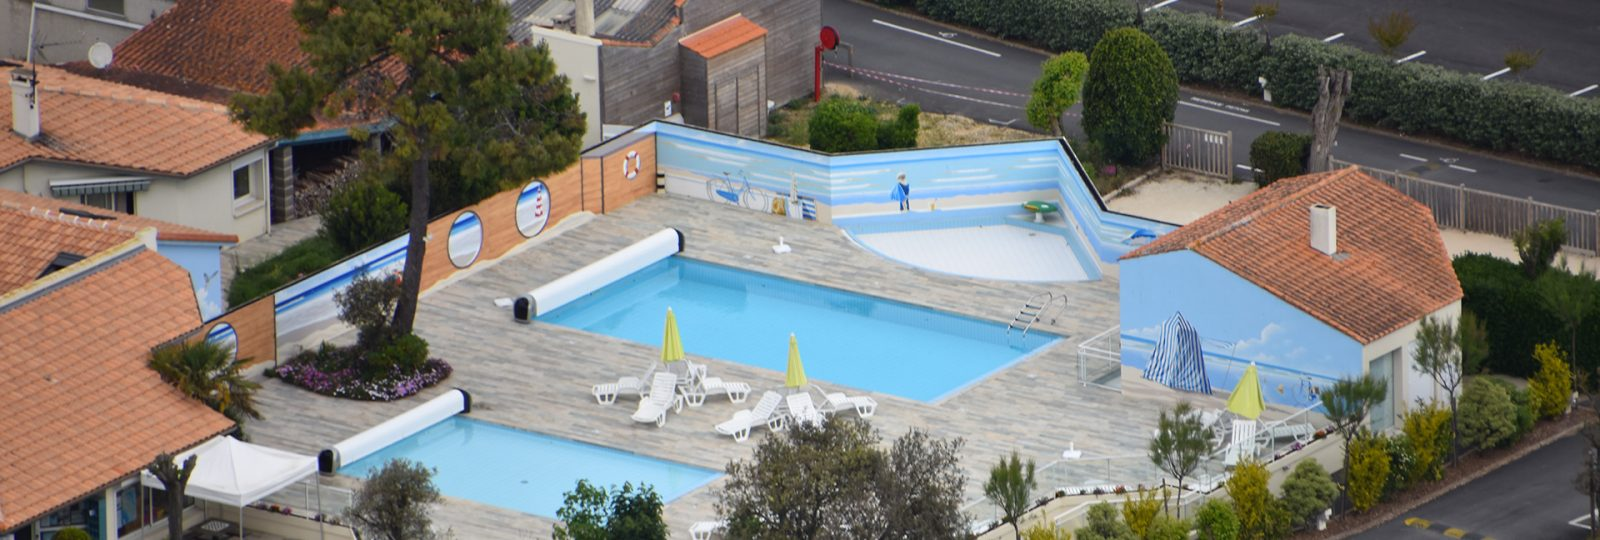 Camping 3 étoiles avec piscine sur l'Ile d'Oléron